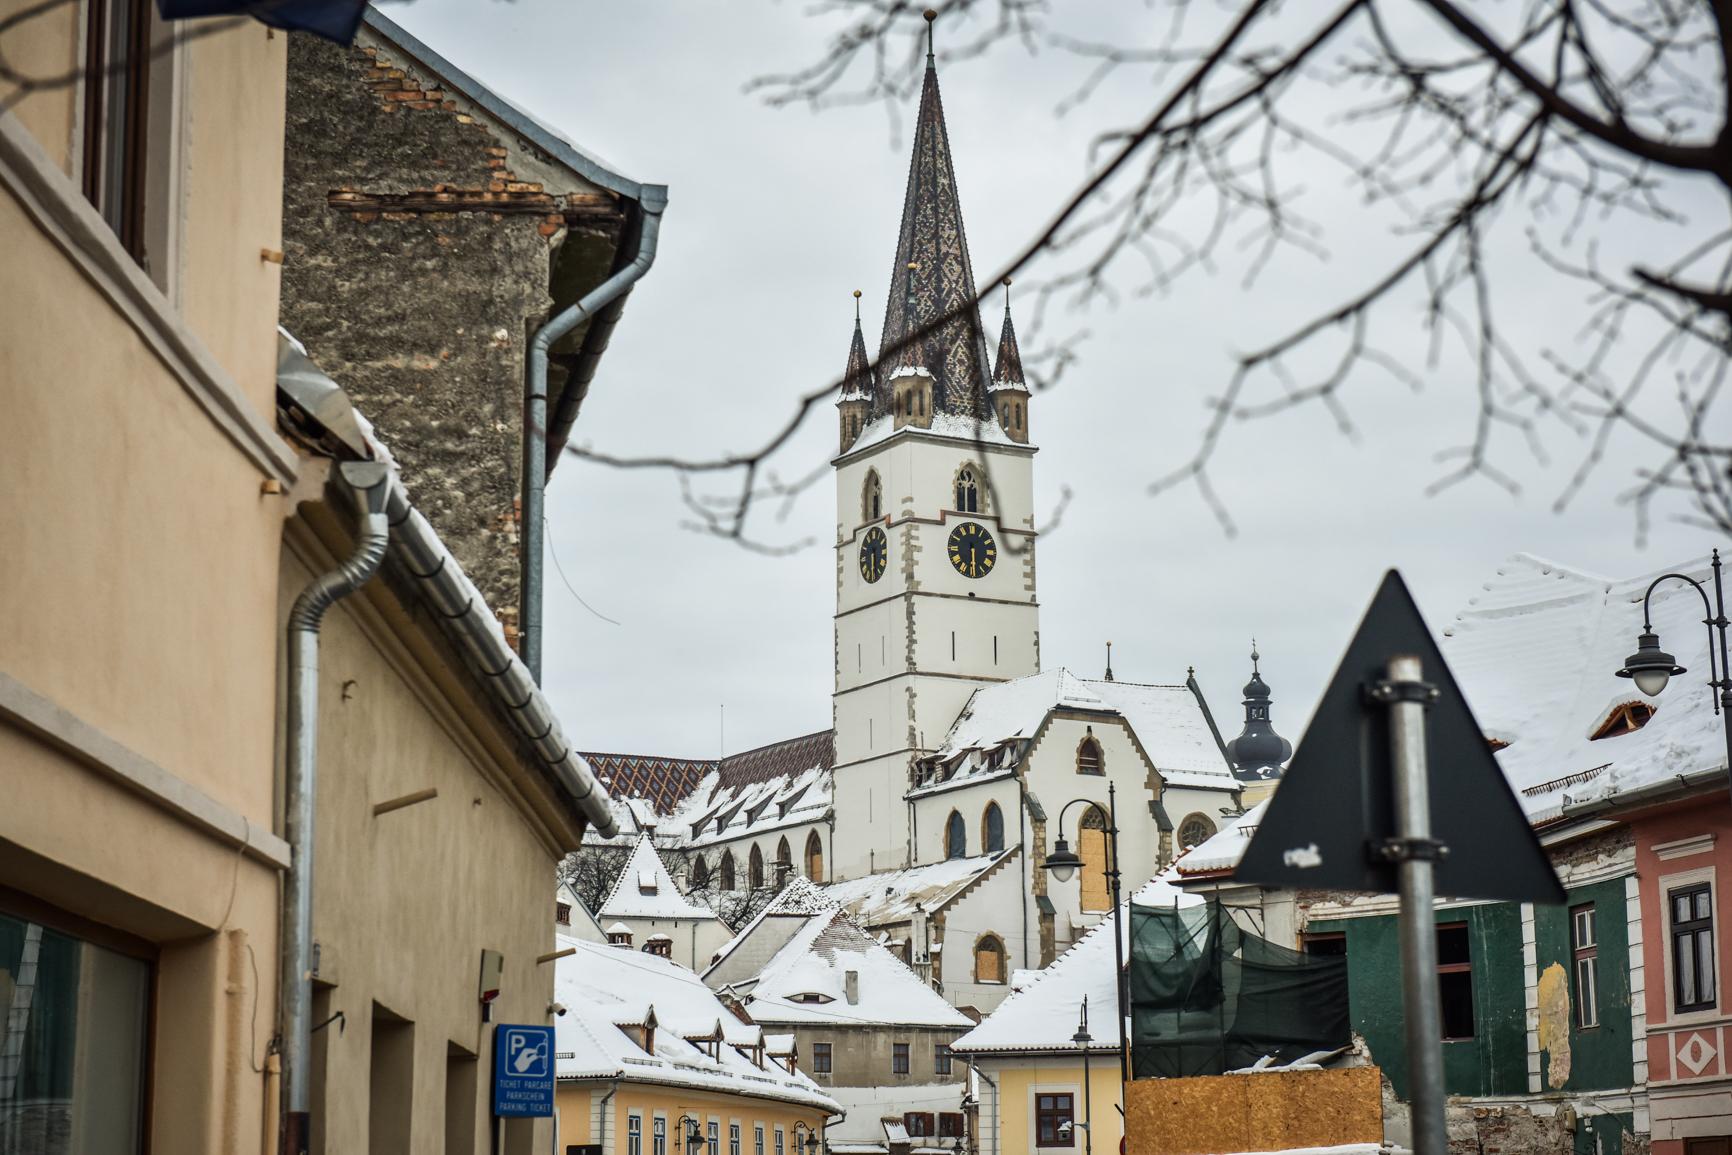 Vești bune: incidența continuă să scadă atât în municipiul Sibiu, cât și în județ